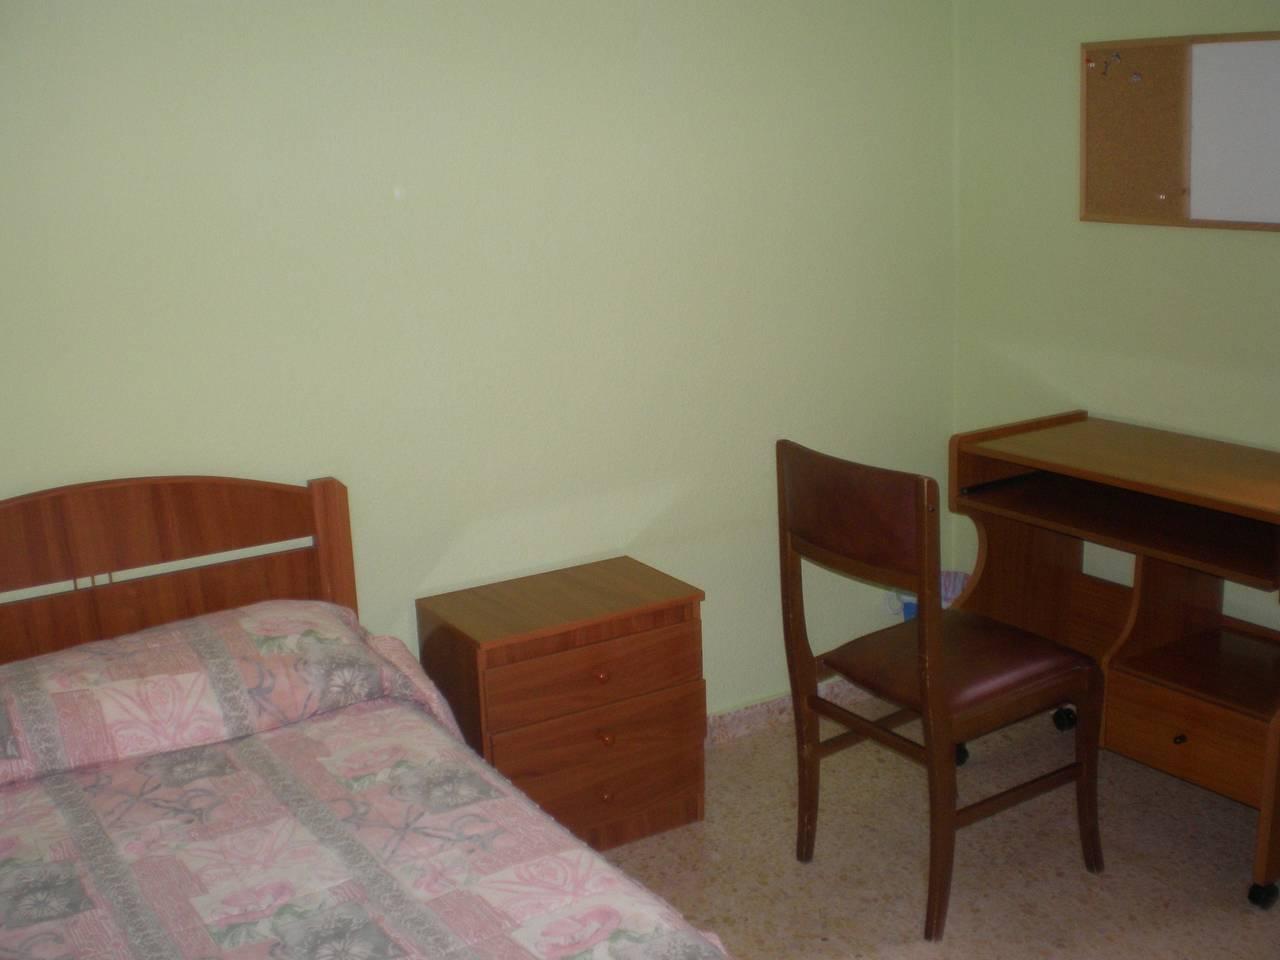 en soria se alquilan una habitacion en piso compartido  - Foto 8